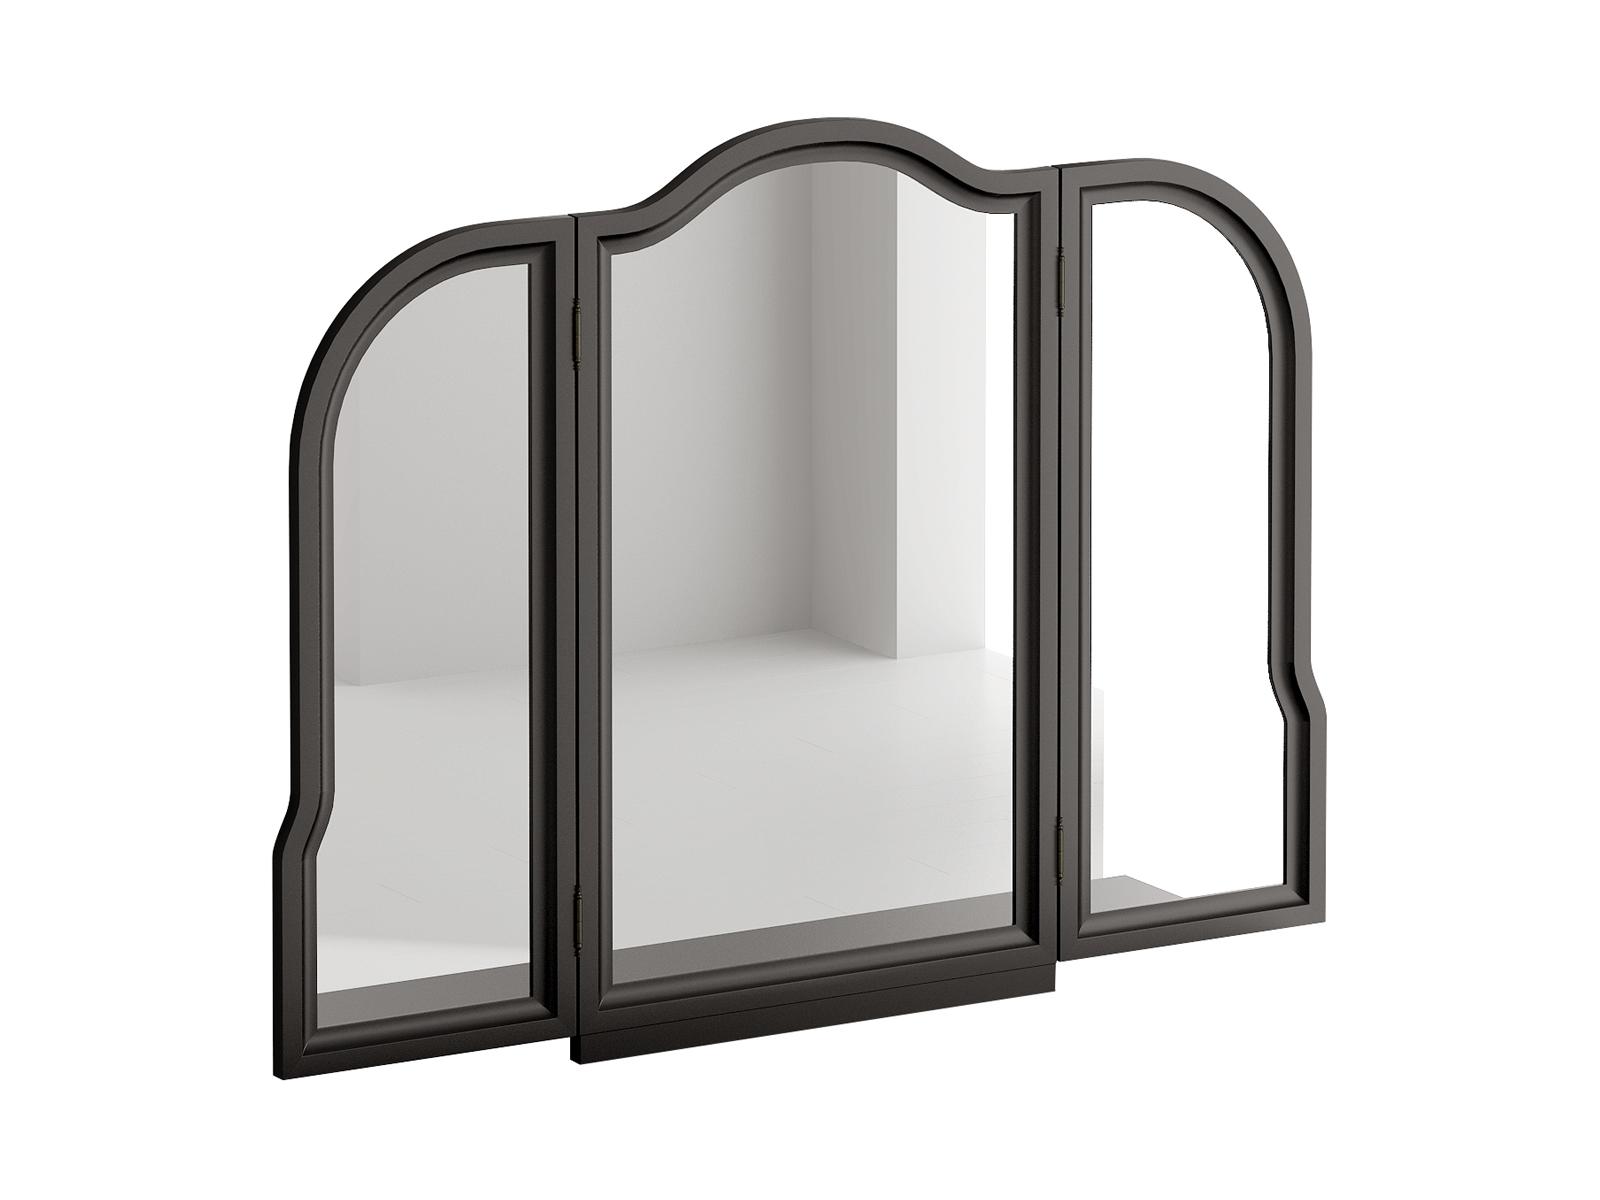 Трельяж BluesЗеркала<br>Трельяж Blues представляет собой настенное зеркало с двумя распашными створками. Зеркала фигурные, рамочно-филенчатой конструкции. Трельяж необходимо крепить к стене.<br>